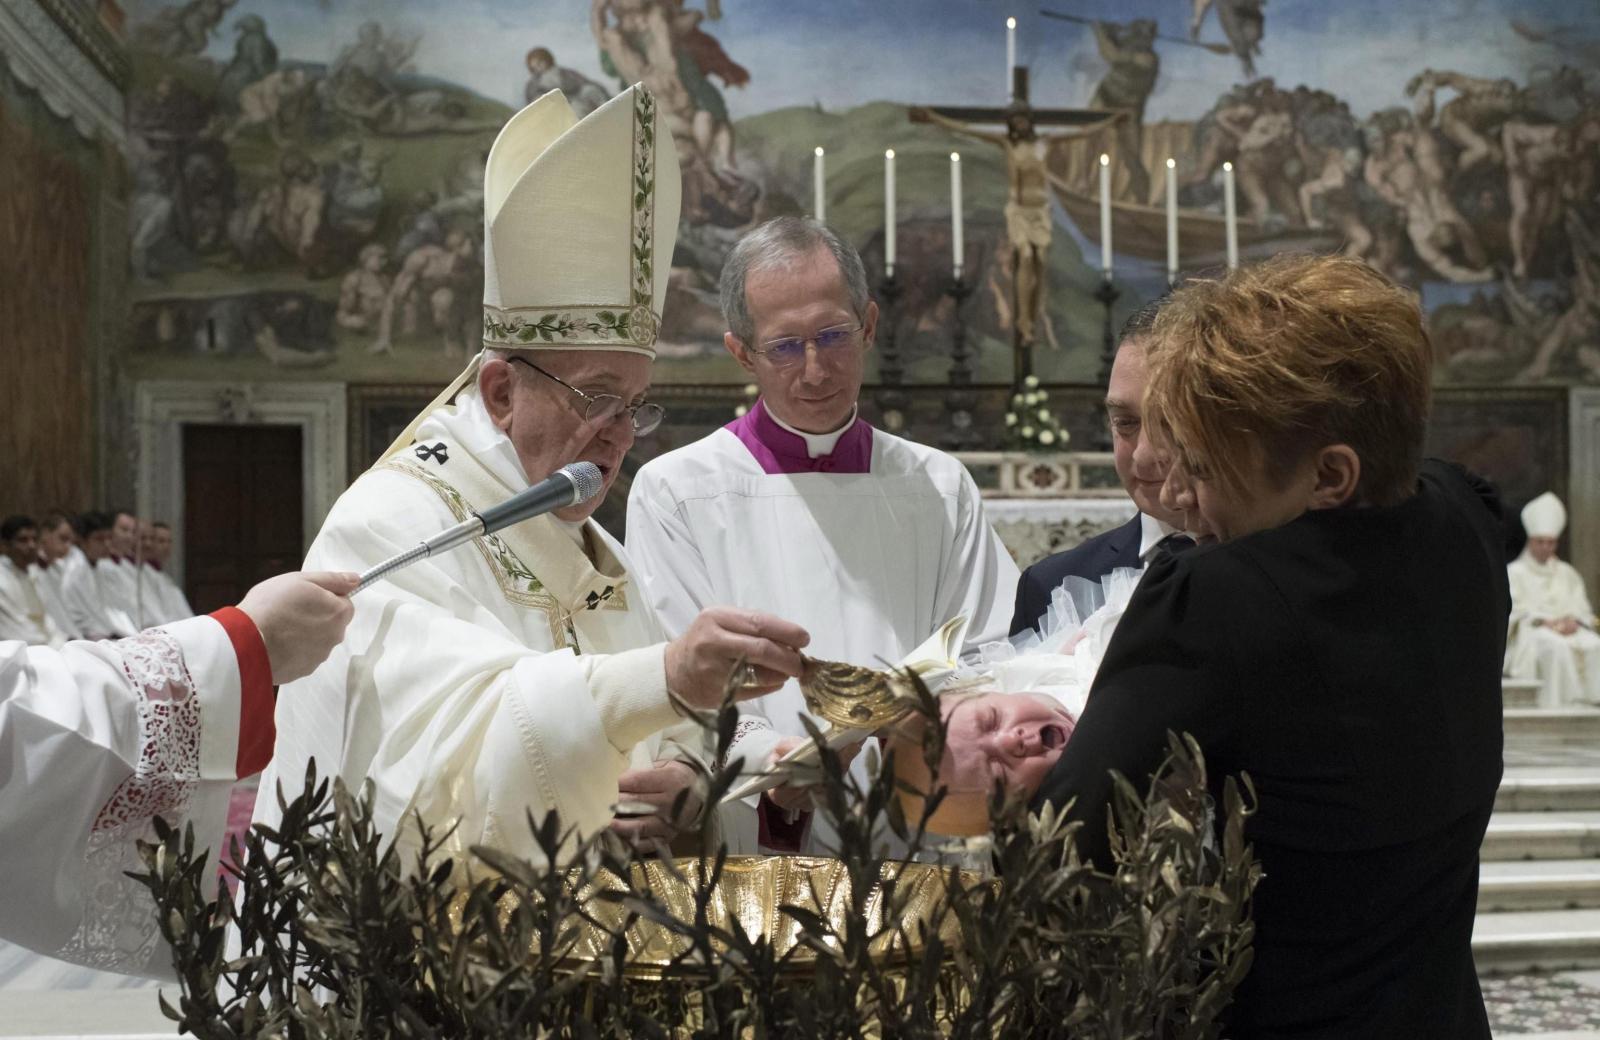 Papież ochrzcił dziś 28 dzieci. EPA/L'OSSERVATORE ROMANO HANDOUT